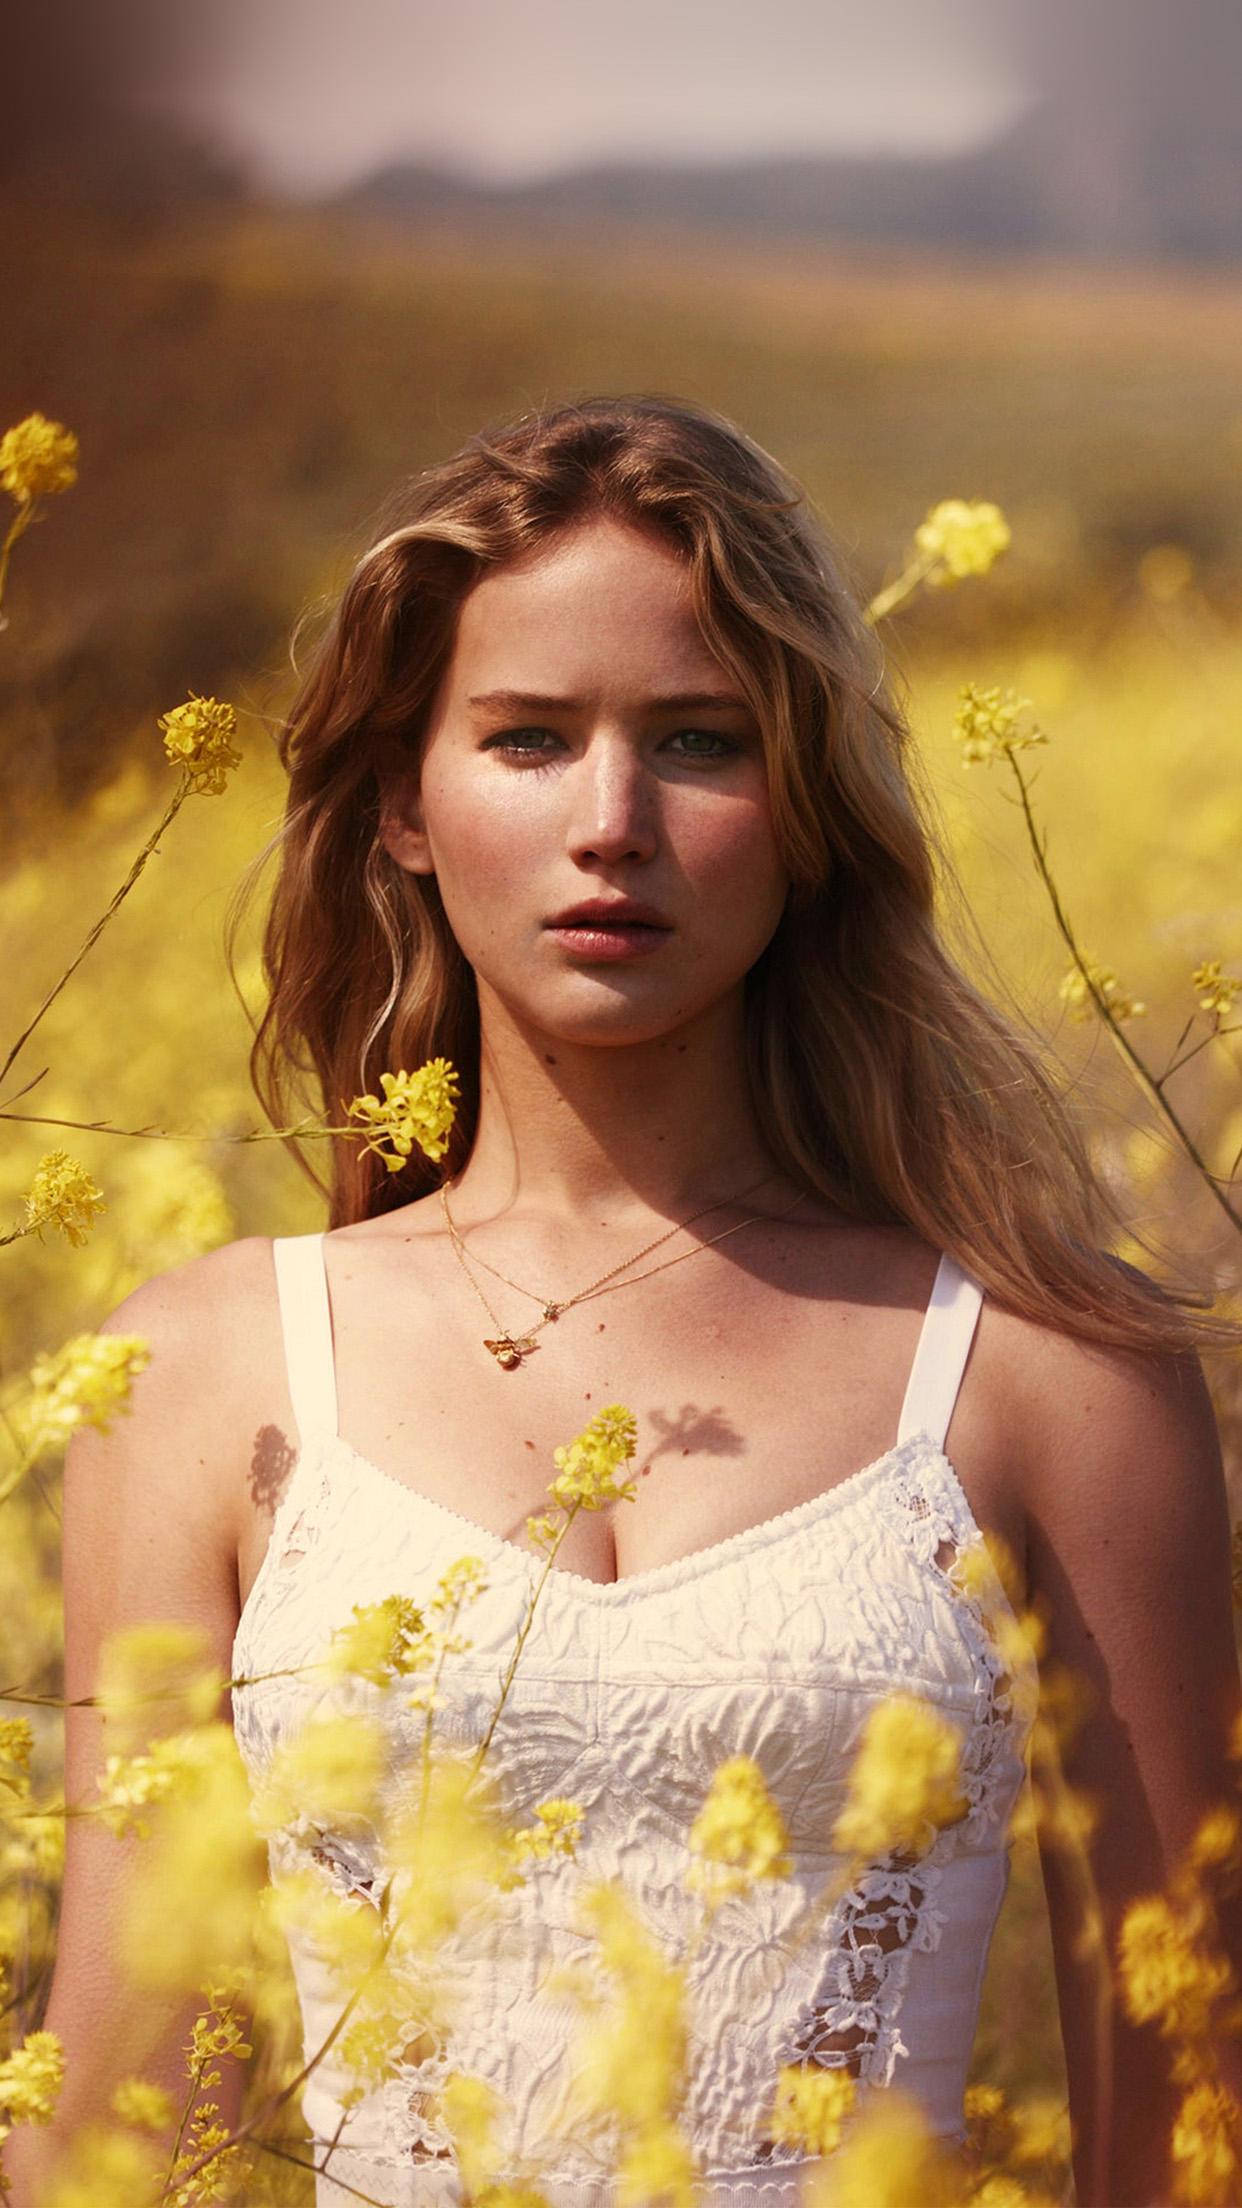 Imac Girl Wallpaper Hp47 Jennifer Lawrence Flower Spring Girl Celebrity Wallpaper